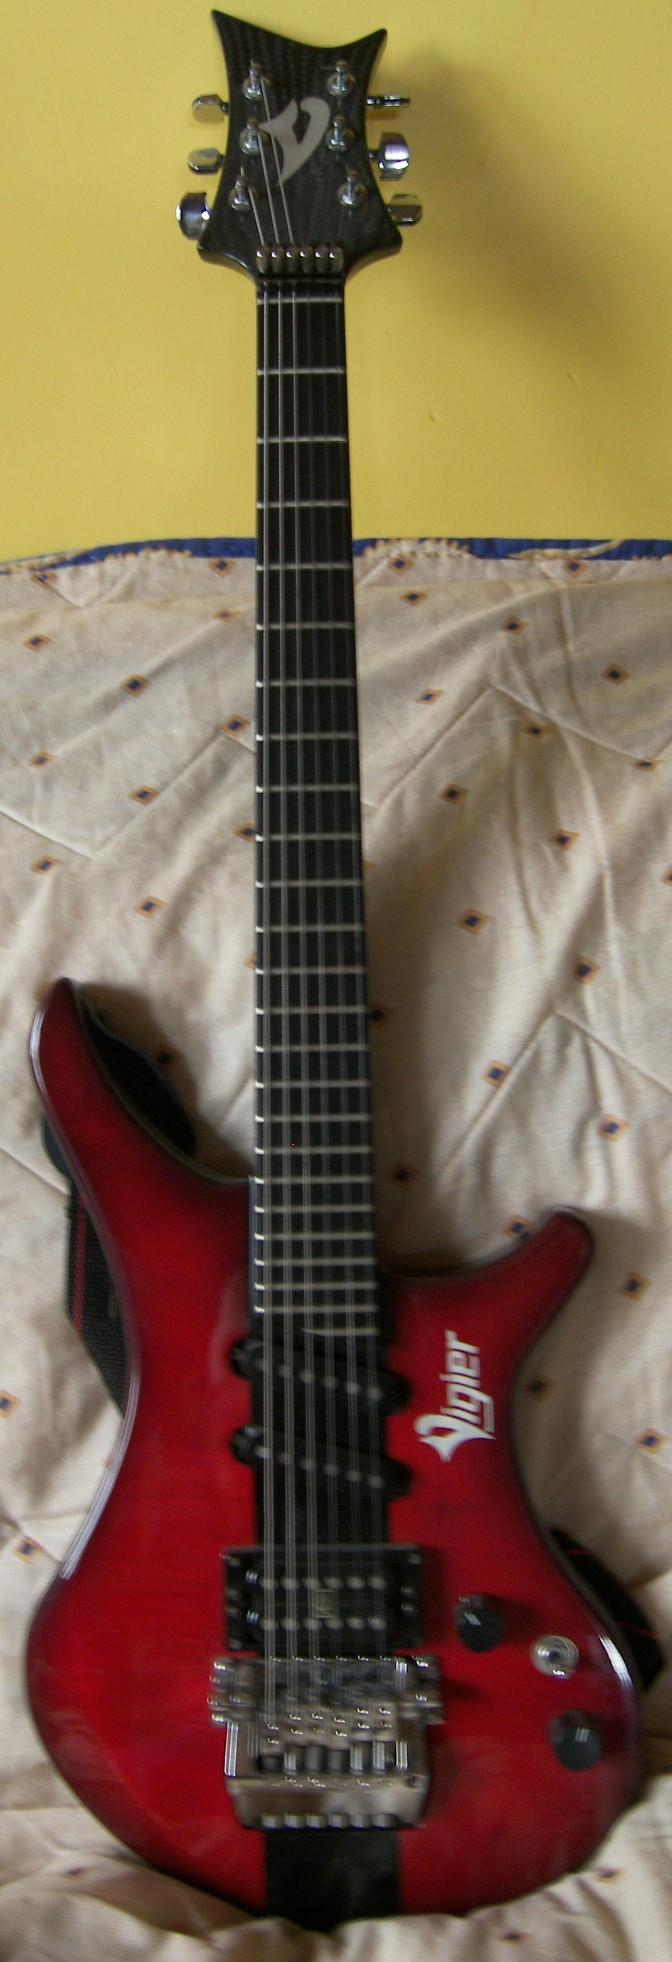 Photos de vos guitares. [Ancien Topic] - Page 39 102_9116